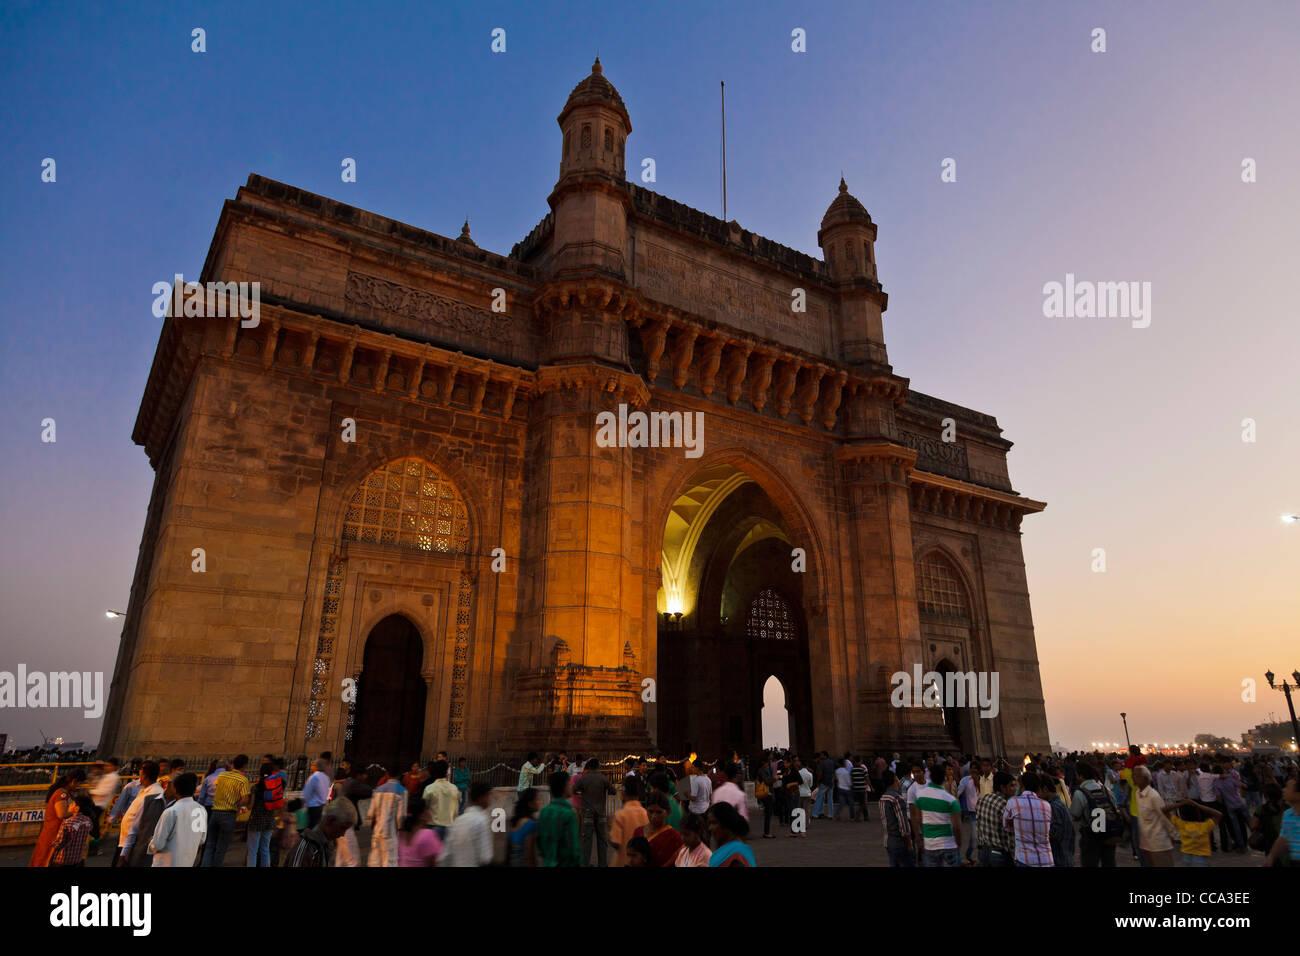 The Gateway of India, Mumbai, Bombay - Stock Image